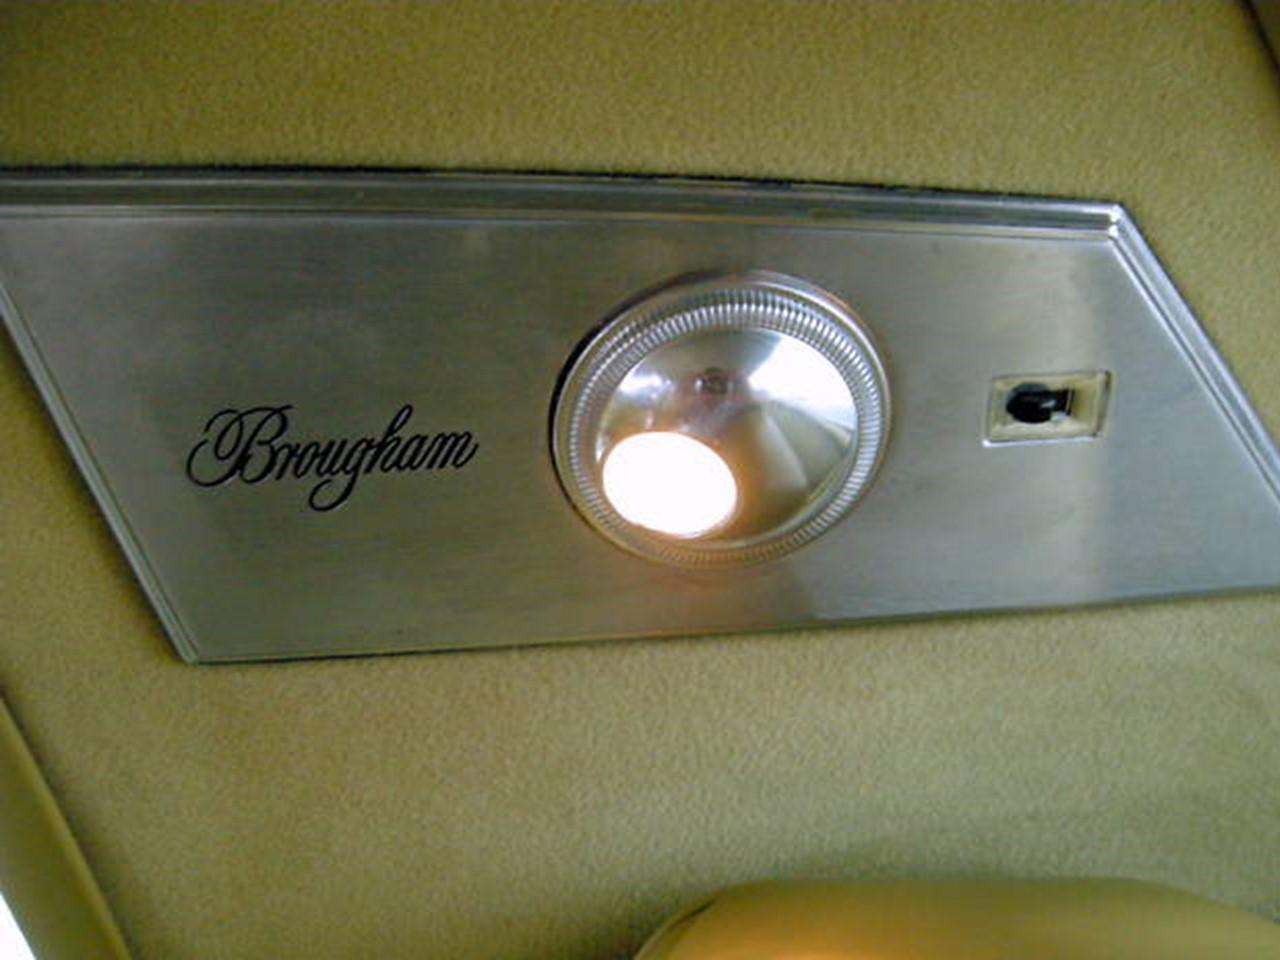 1970 Fleetwood Brougham 6